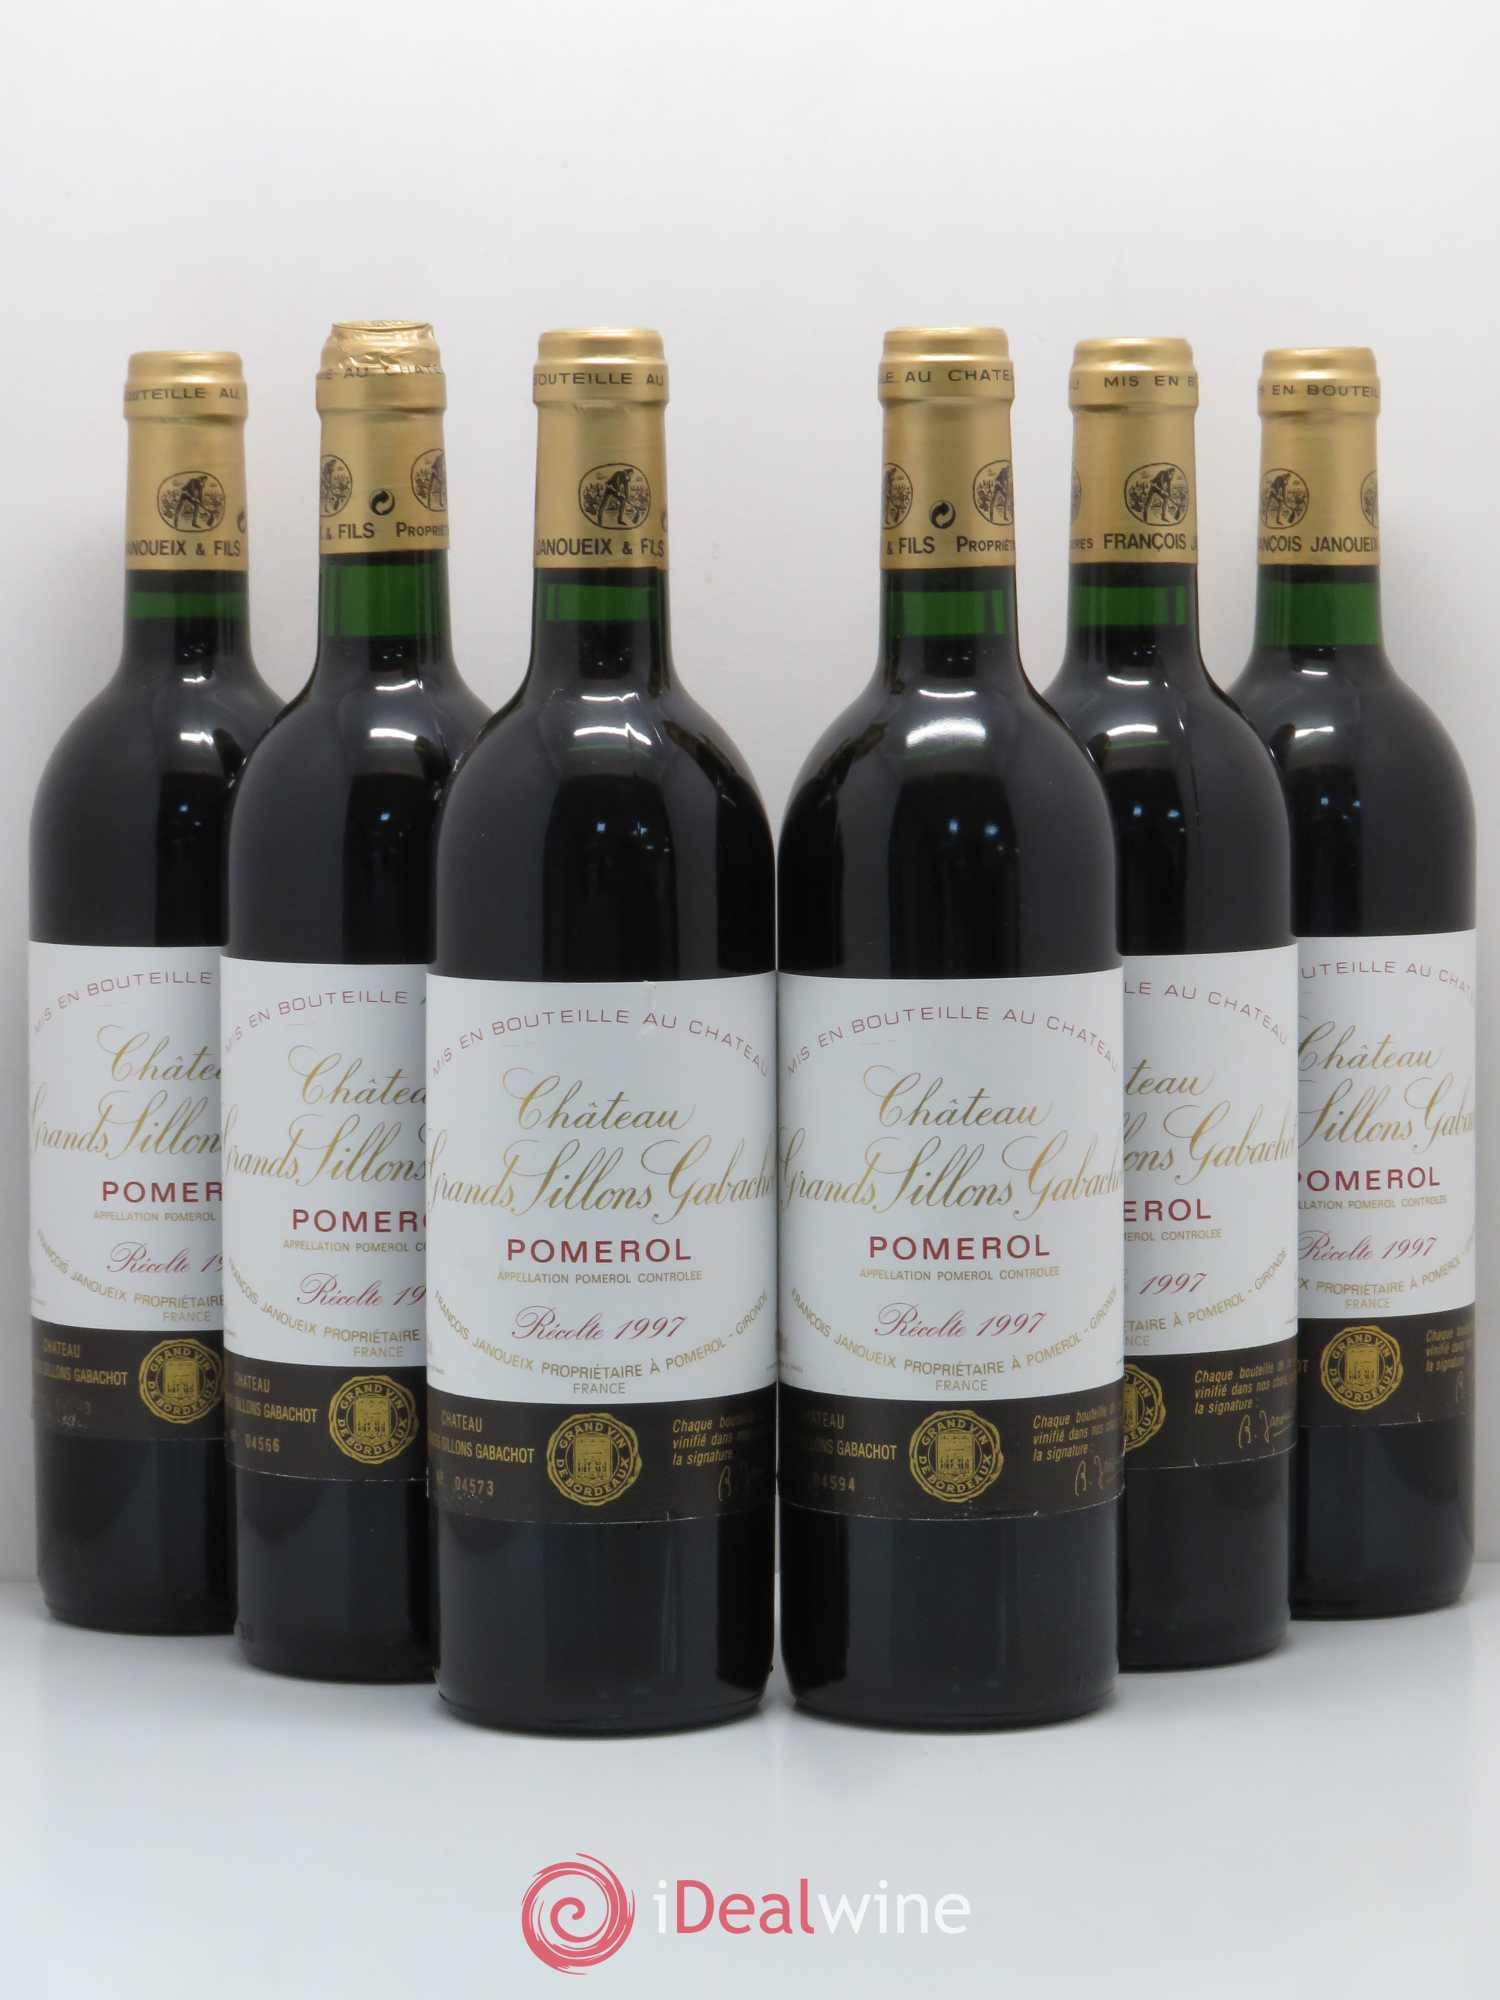 - Pomerol Château Grands Sillons Gabachot 1997